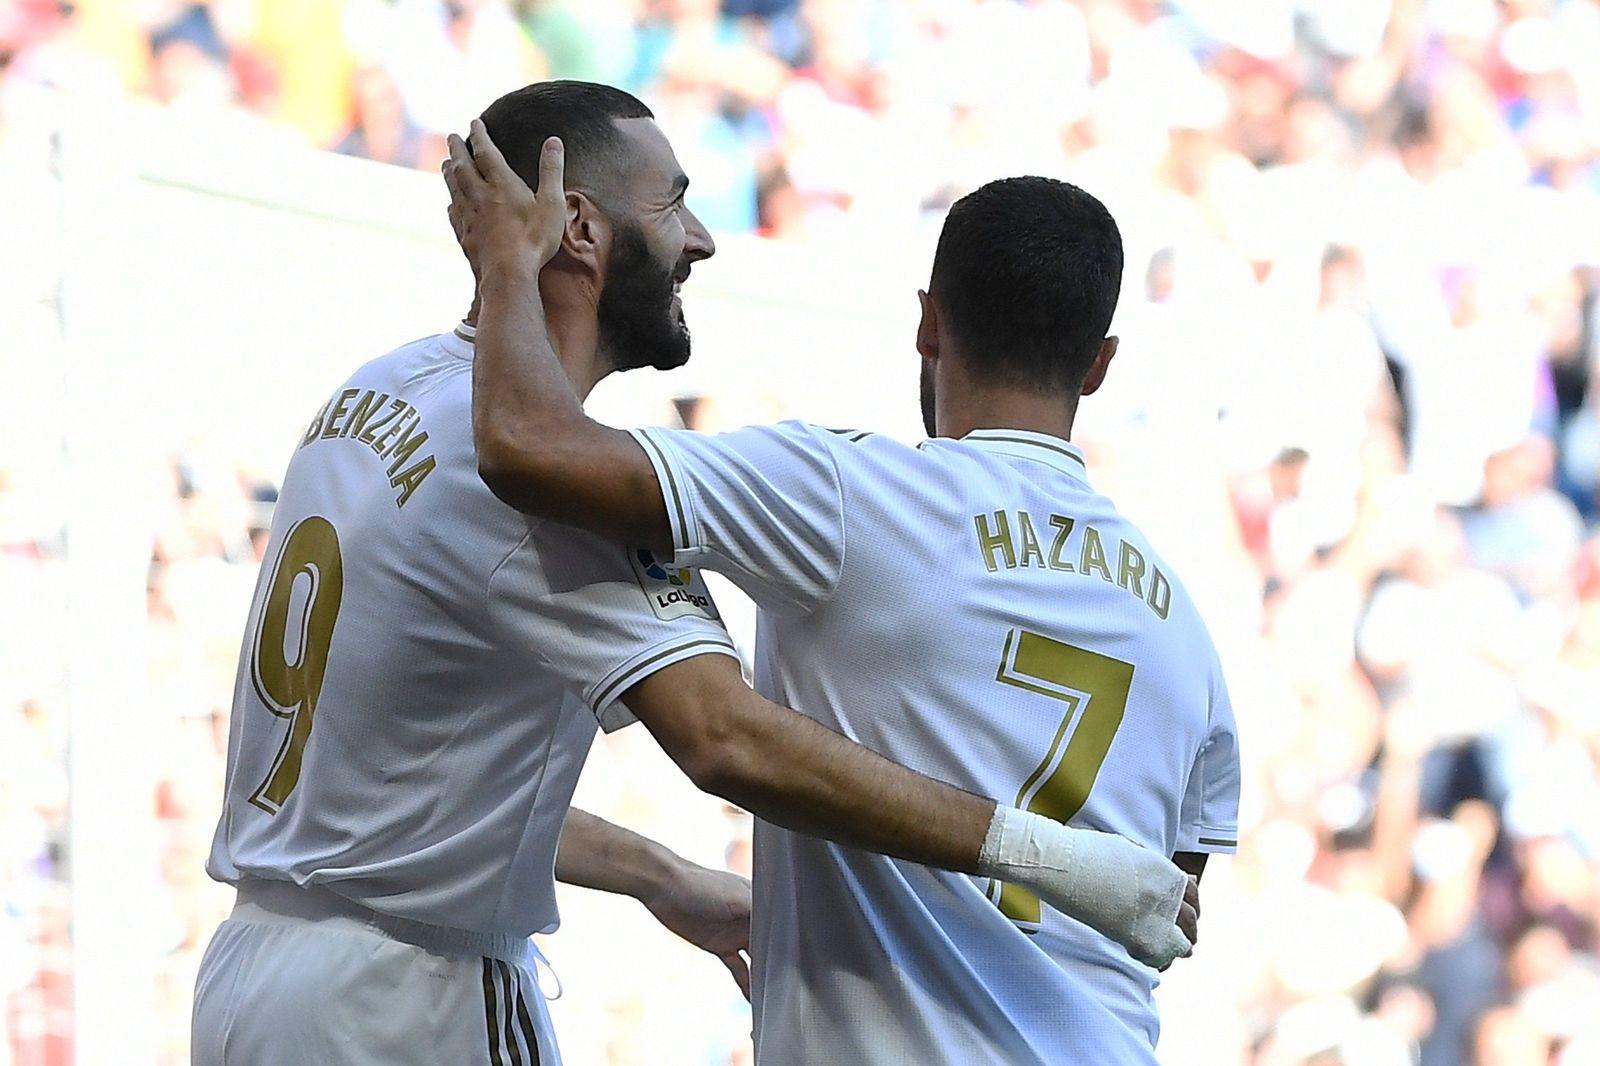 Азар забил дебютный гол за Реал в матче с Гранадой - изображение 1